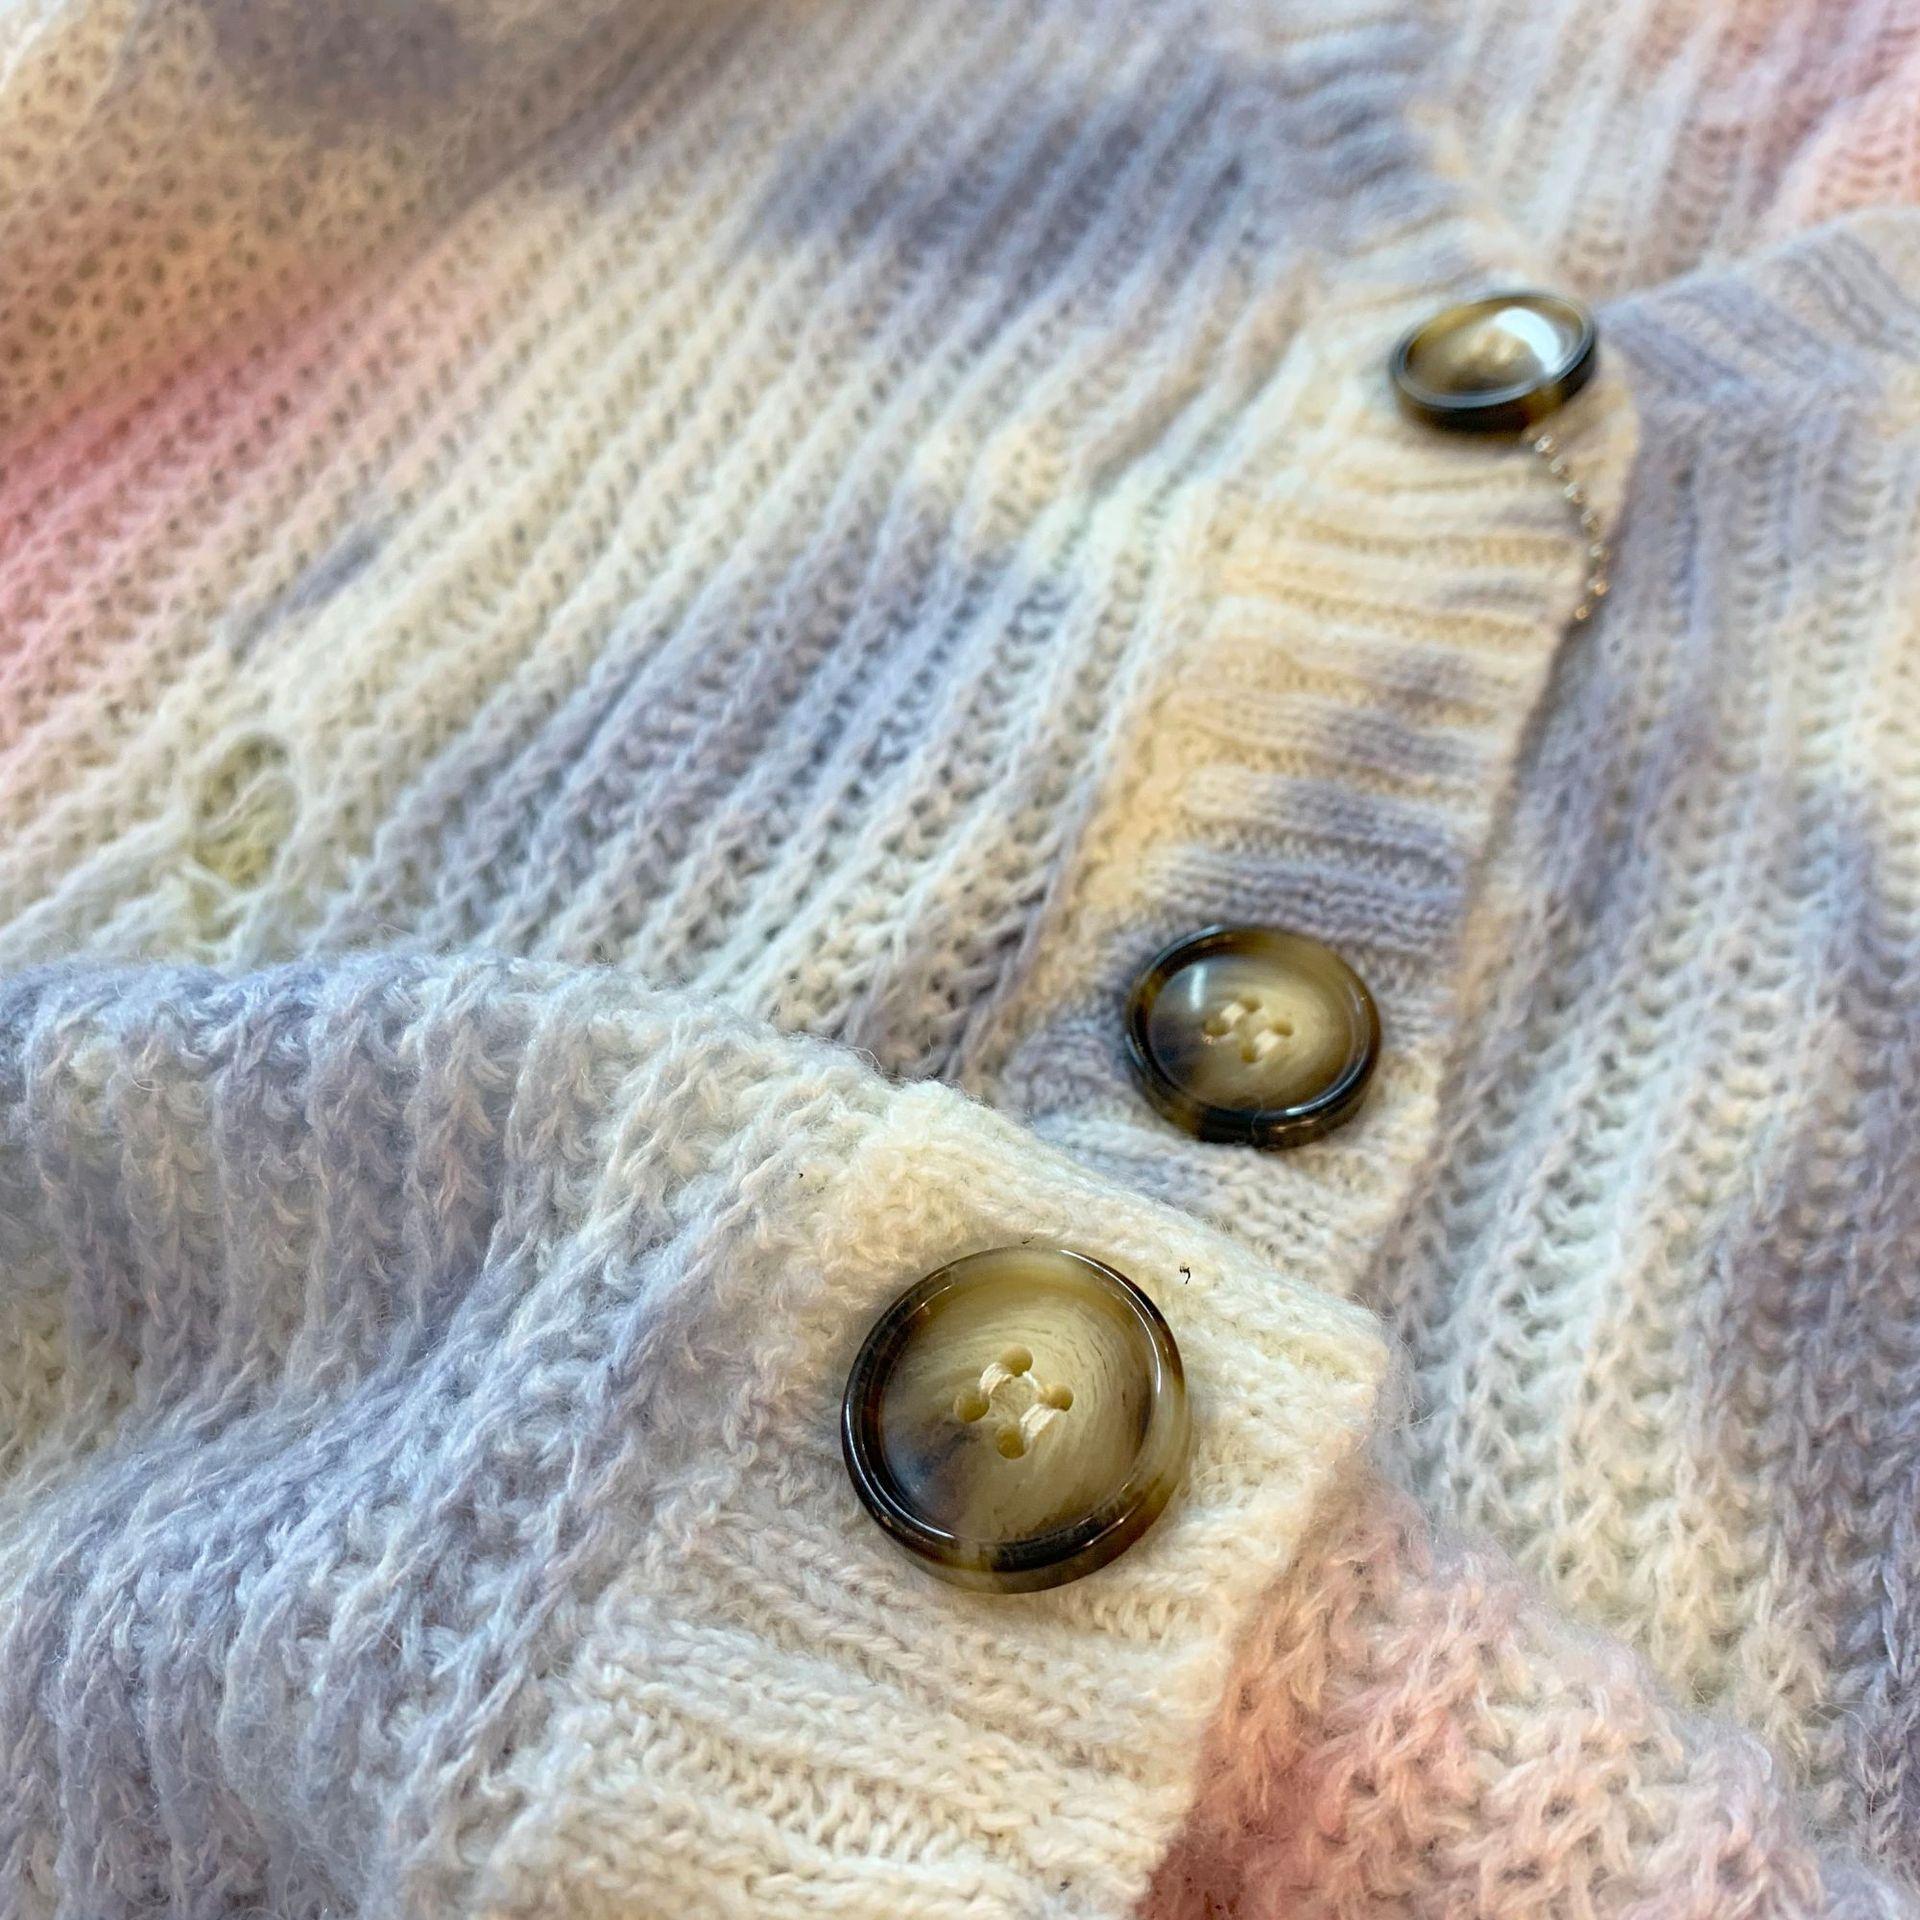 U4iCb GiEIc 521 all'inizio del cardigan nuovo colore carino macaron maglia cardigan nuovo inizio autunno 521 carino macaron autunno colore lavorato a maglia il cappotto sw